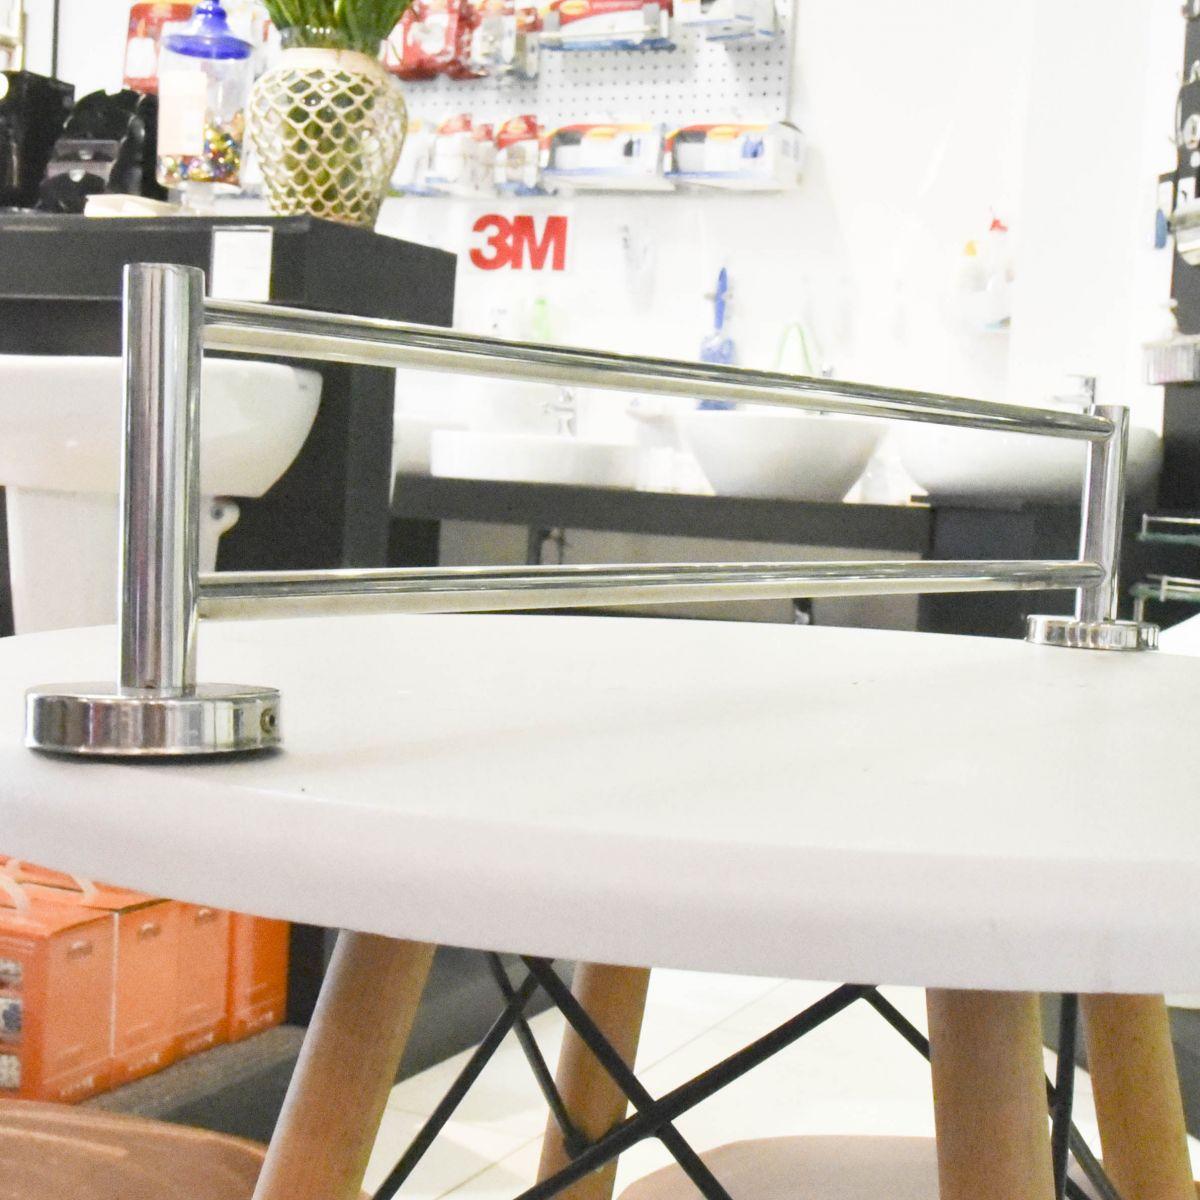 Thanh vắt khăn Outlet 14 là sản phẩm thiết bị vệ sinh outlet, xả kho, thanh lý một số mặt hàng trưng bày, giá khuyến mãi cực kỳ hấp dẫn, đến ngay showroom Hita tại Tphcm